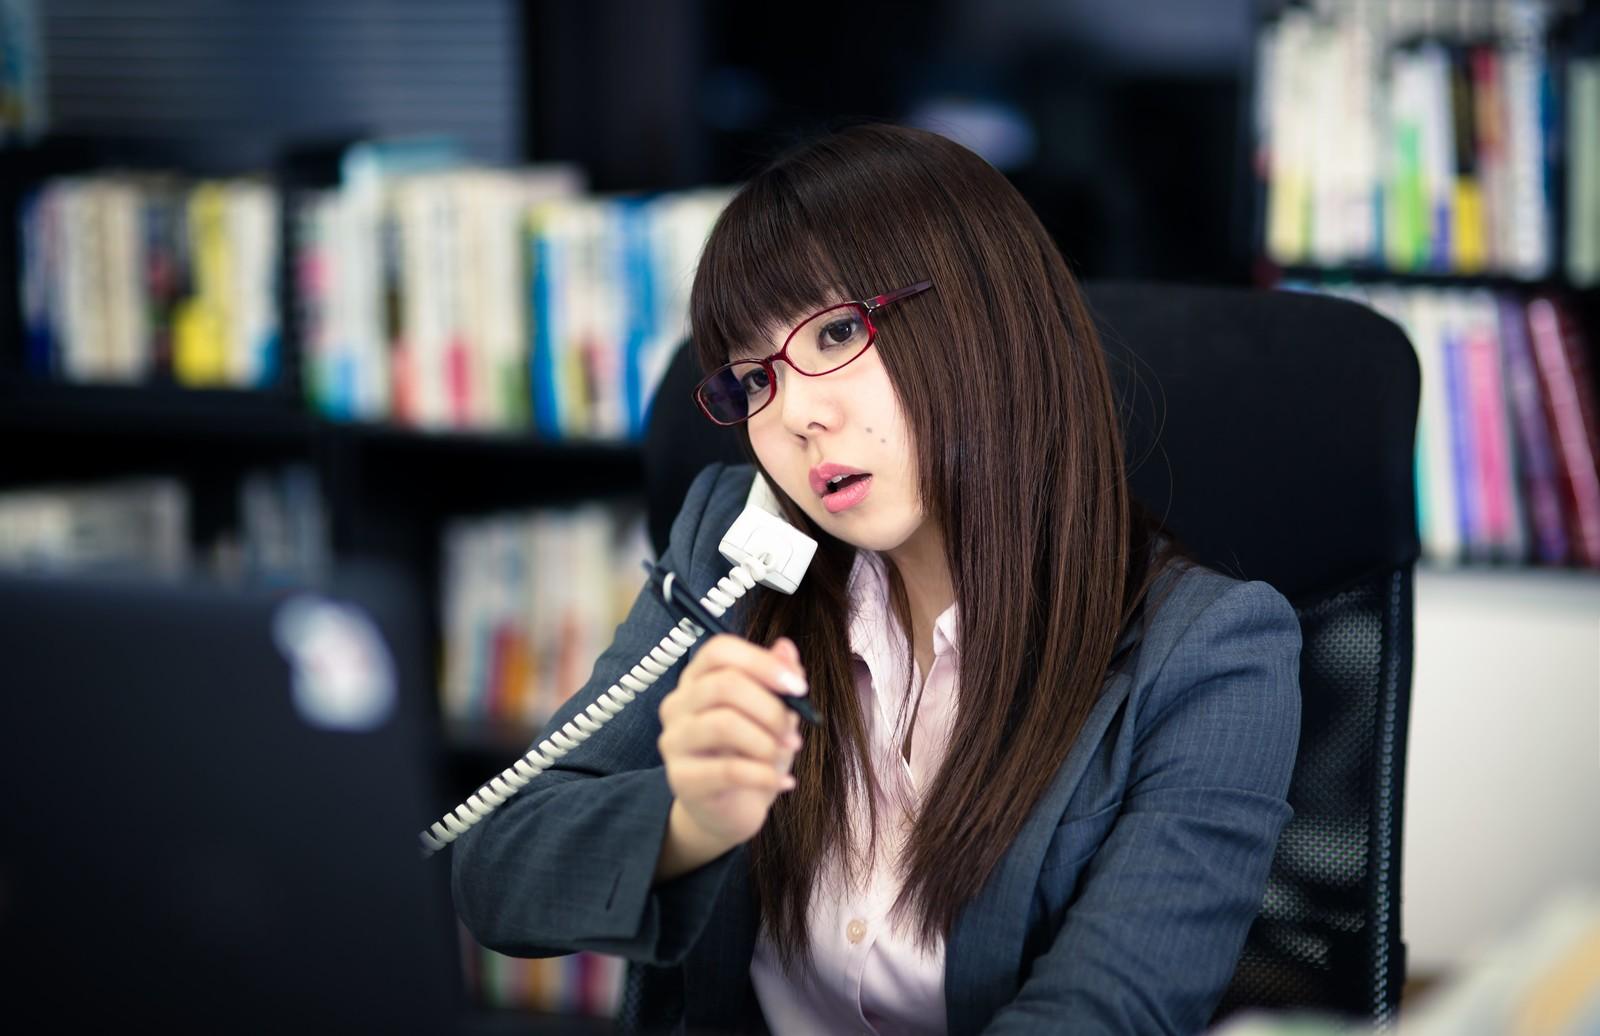 事務職に転職!事務職の種類と難易度について【未経験チャンス】